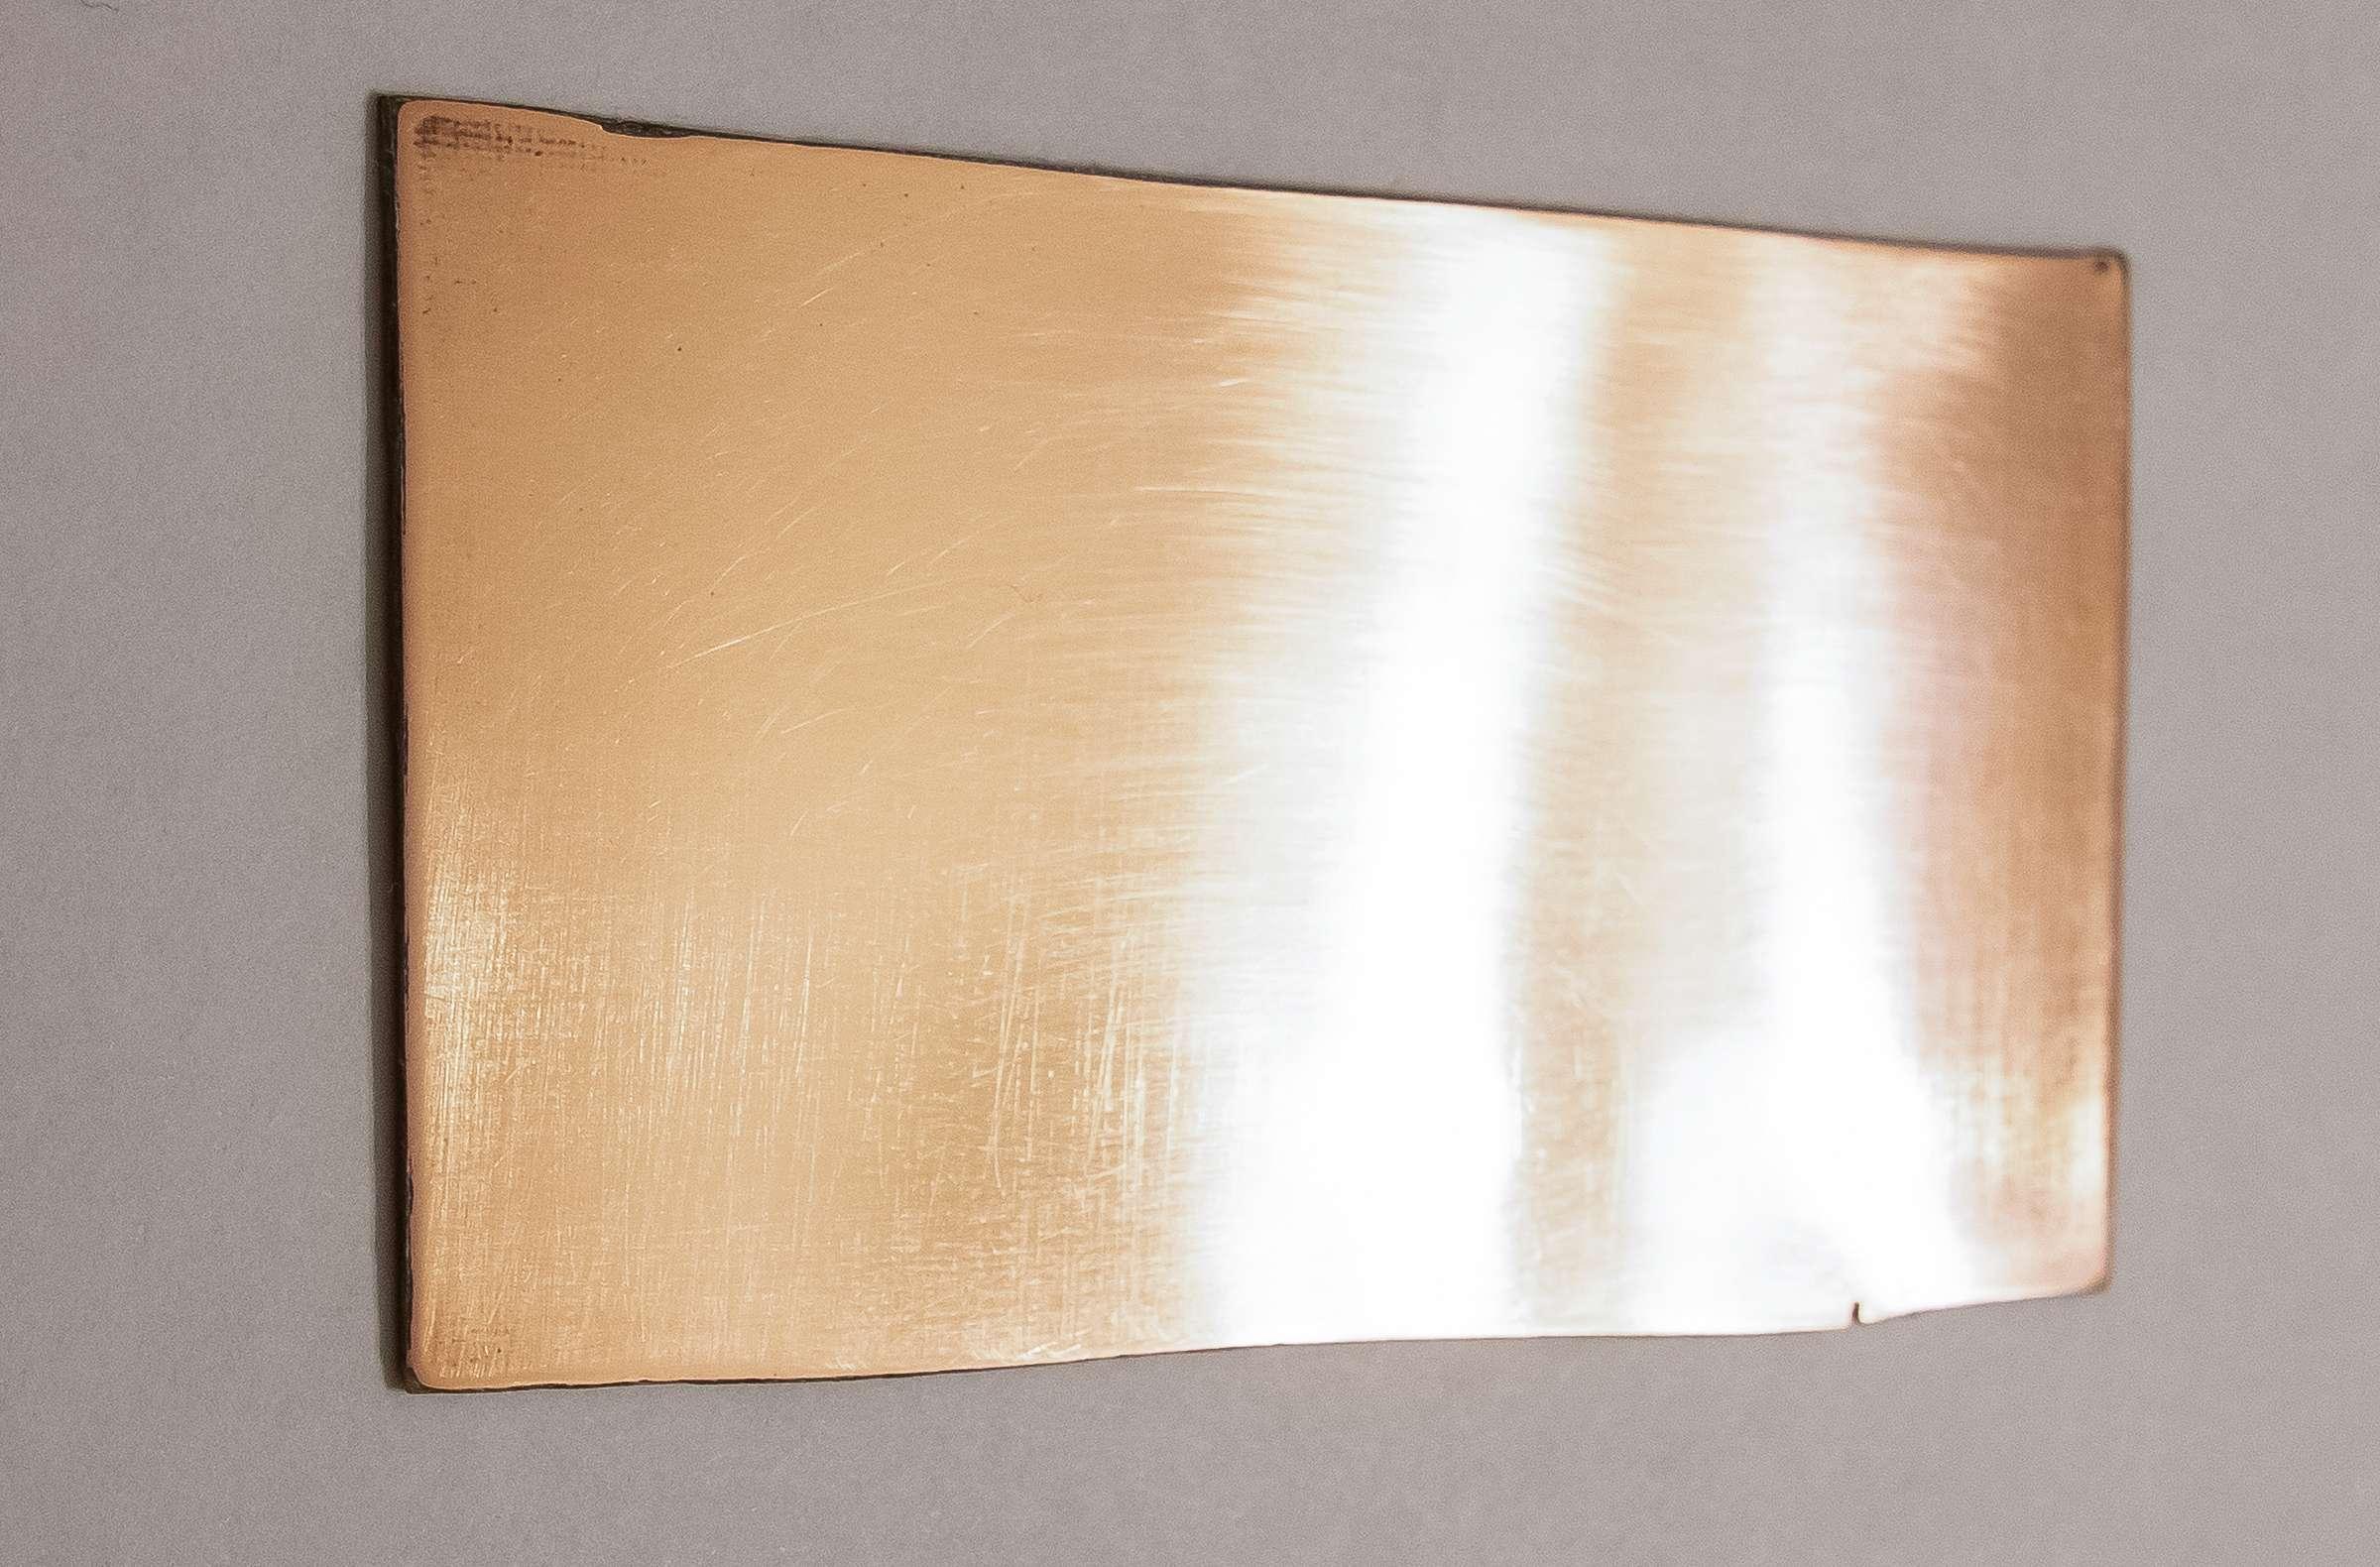 Внешний вид стеклотекстолита после полировки наждачной бумагой